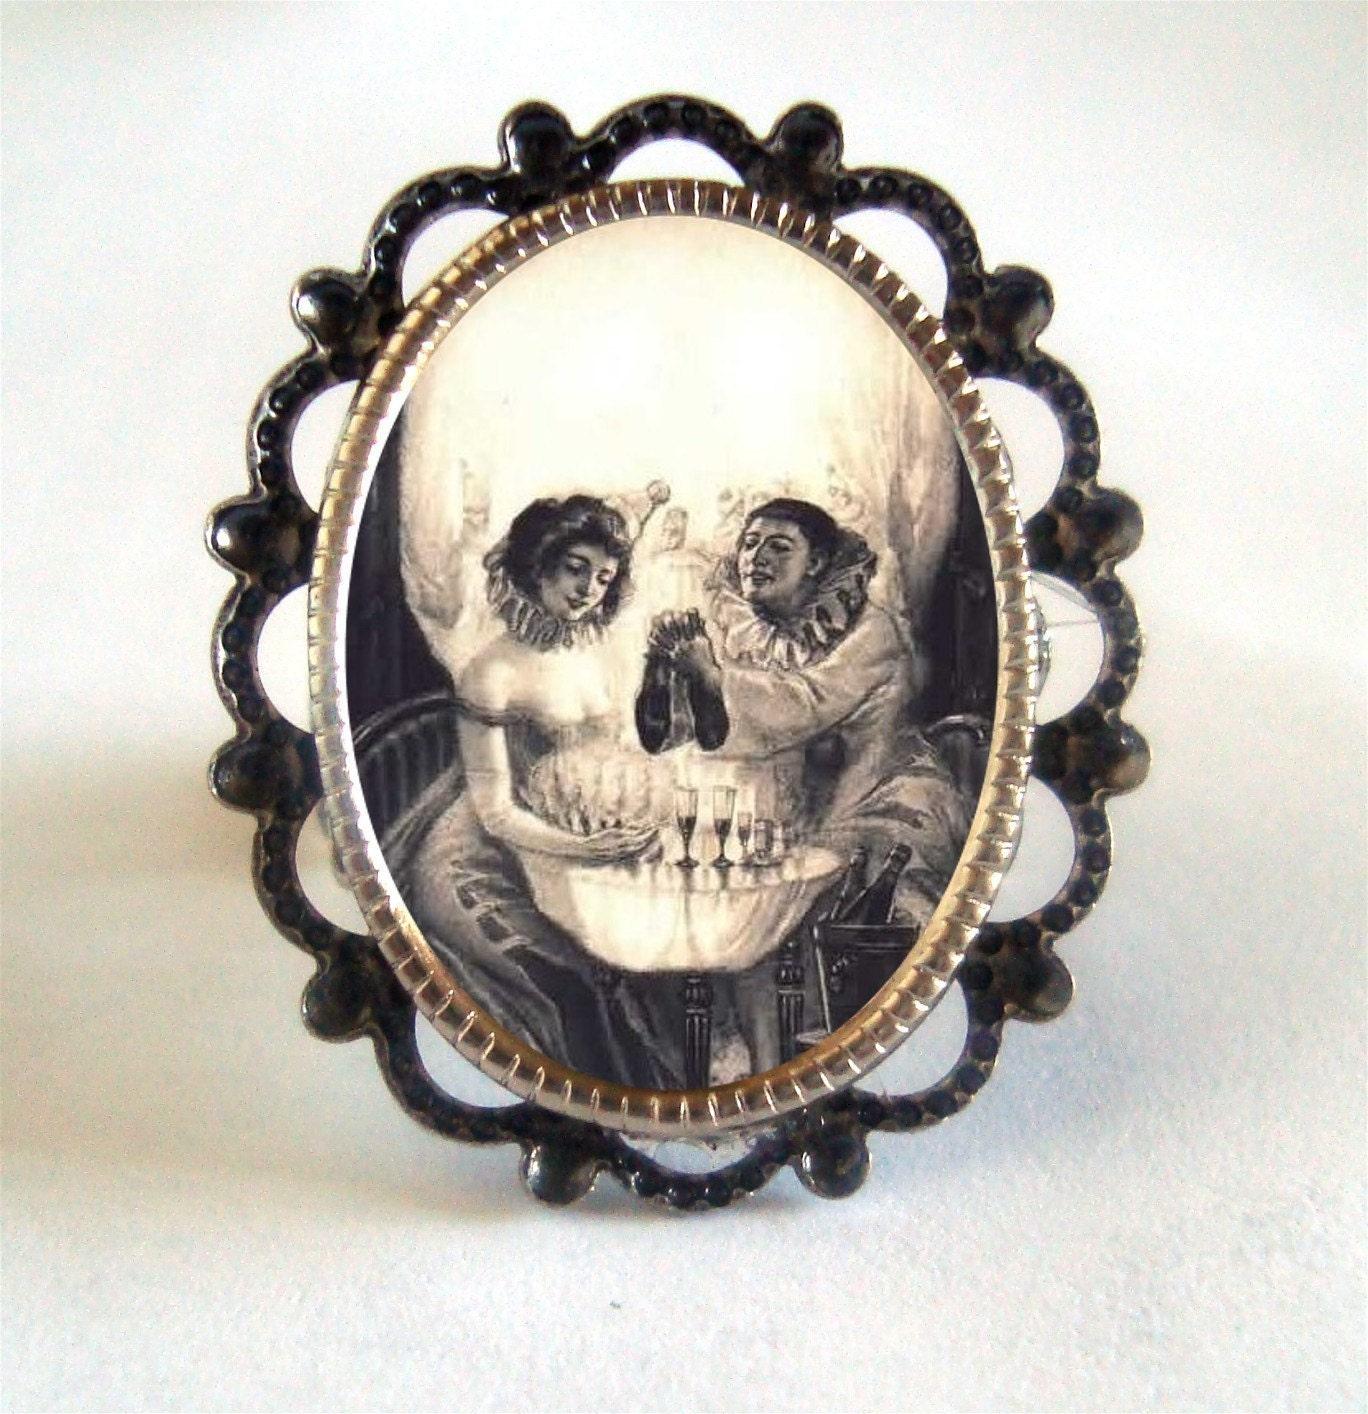 Victorian Elaborate Skull Illusion Momento Mori Imagery Silver